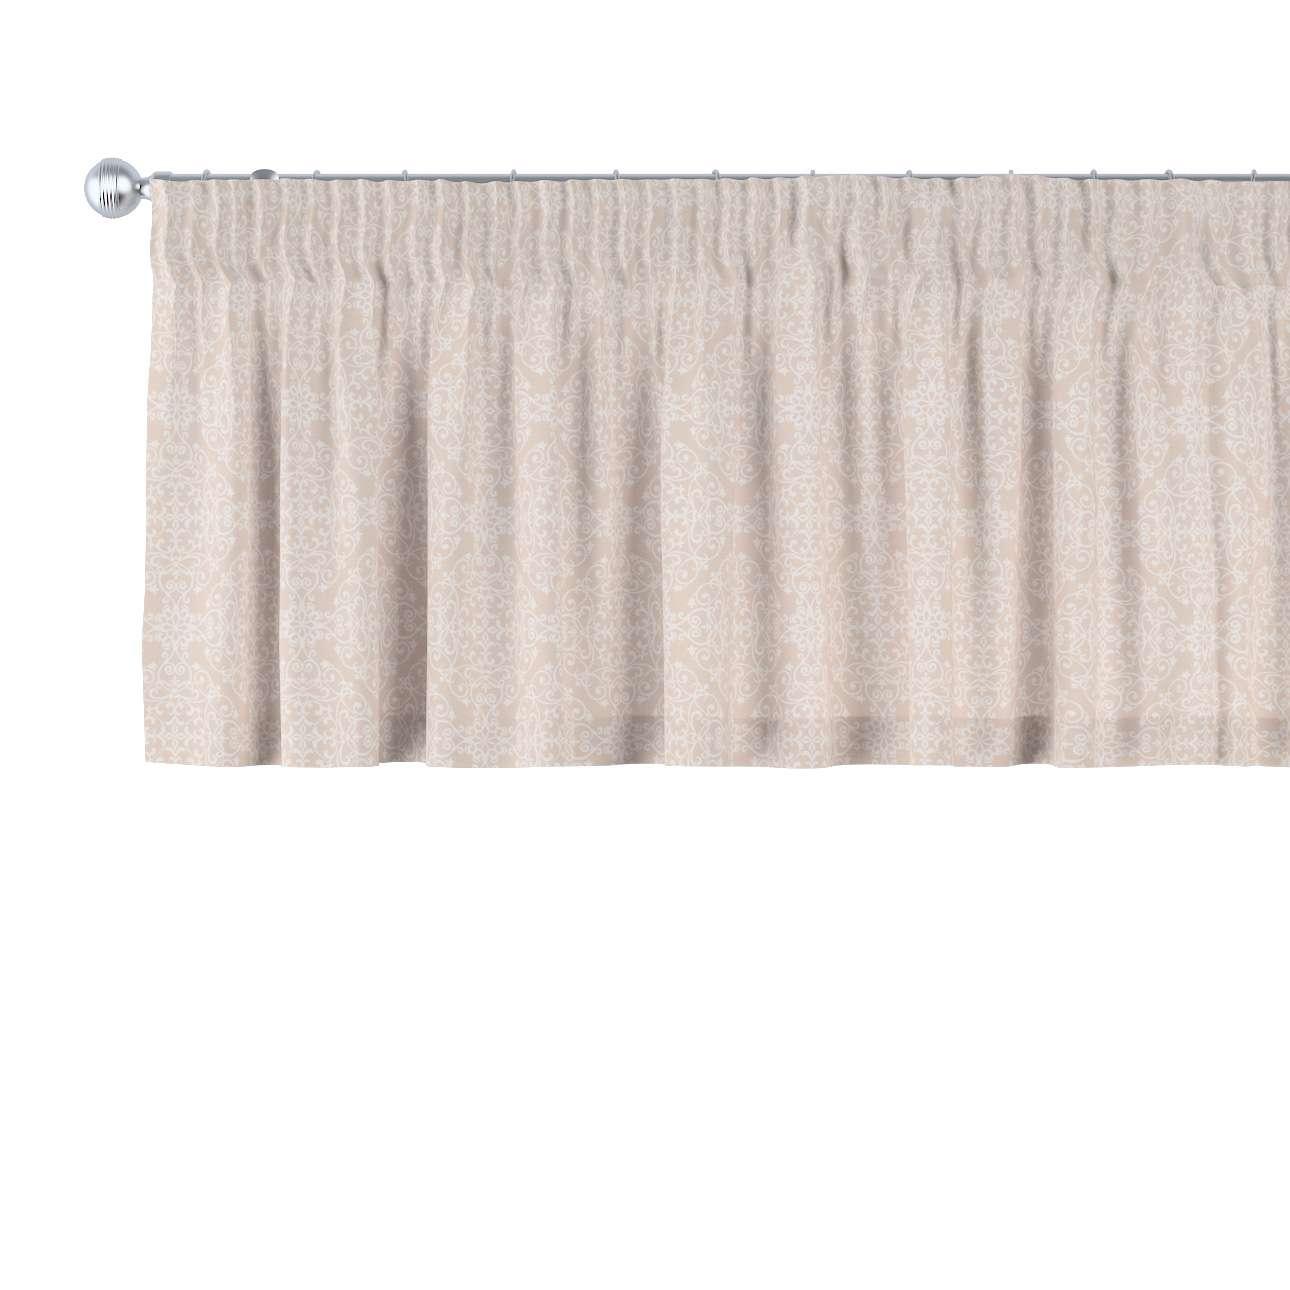 Krátky záves na riasiacej páske V kolekcii Flowers, tkanina: 140-39